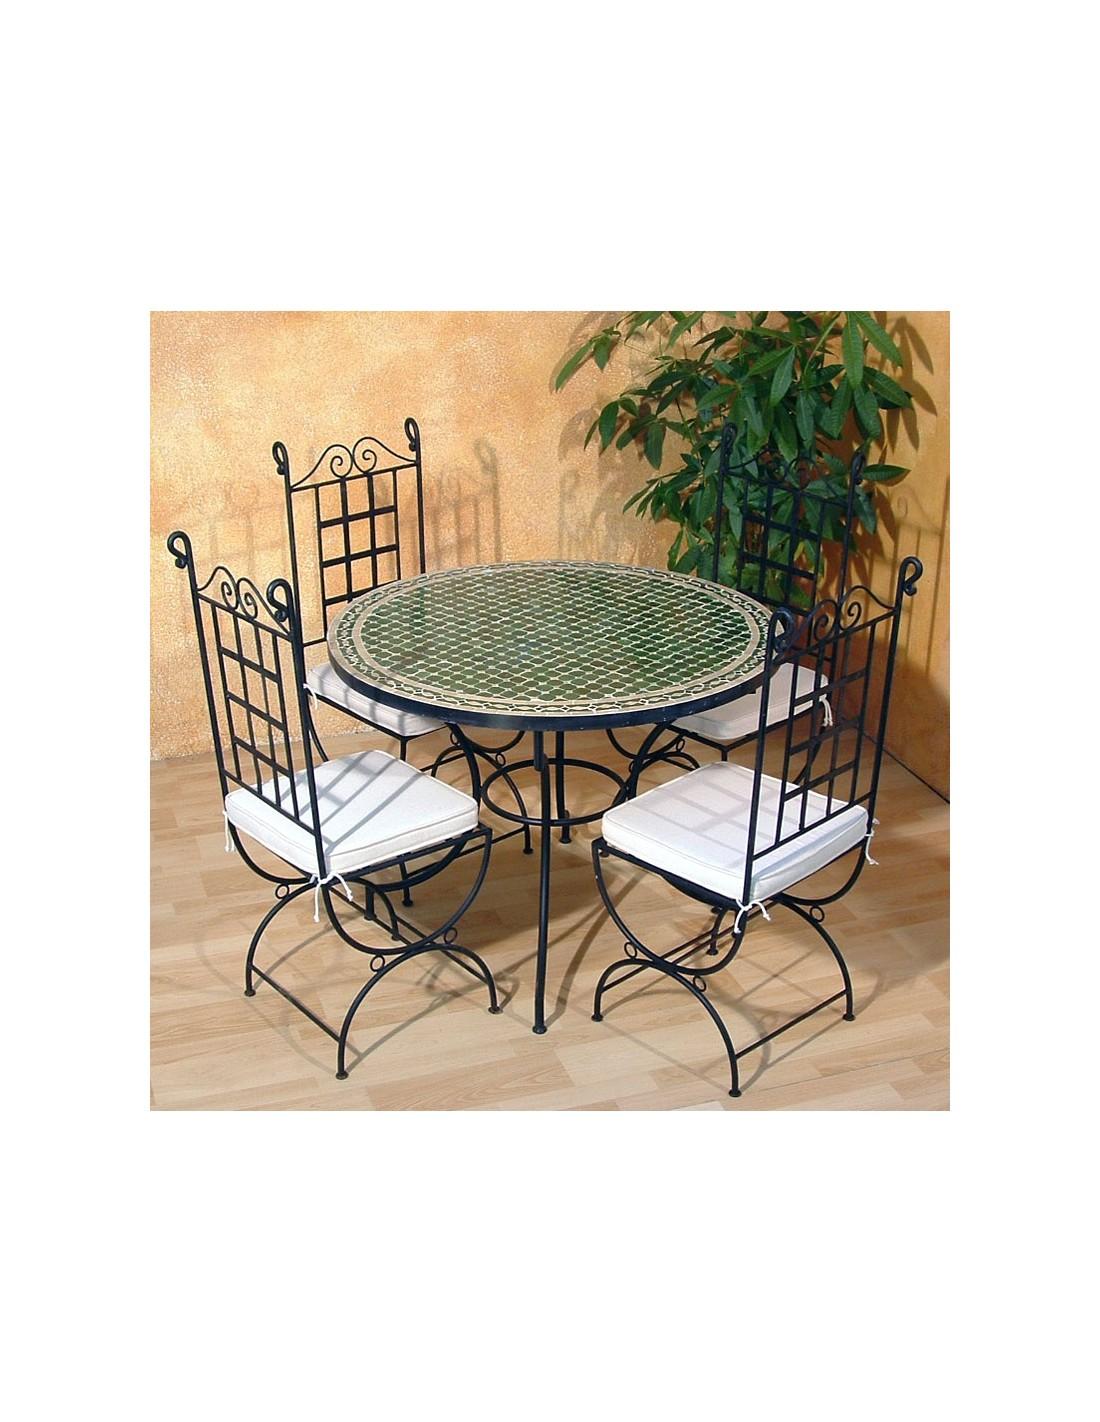 mosaiktisch menak 100cm rund albena marokko galerie. Black Bedroom Furniture Sets. Home Design Ideas